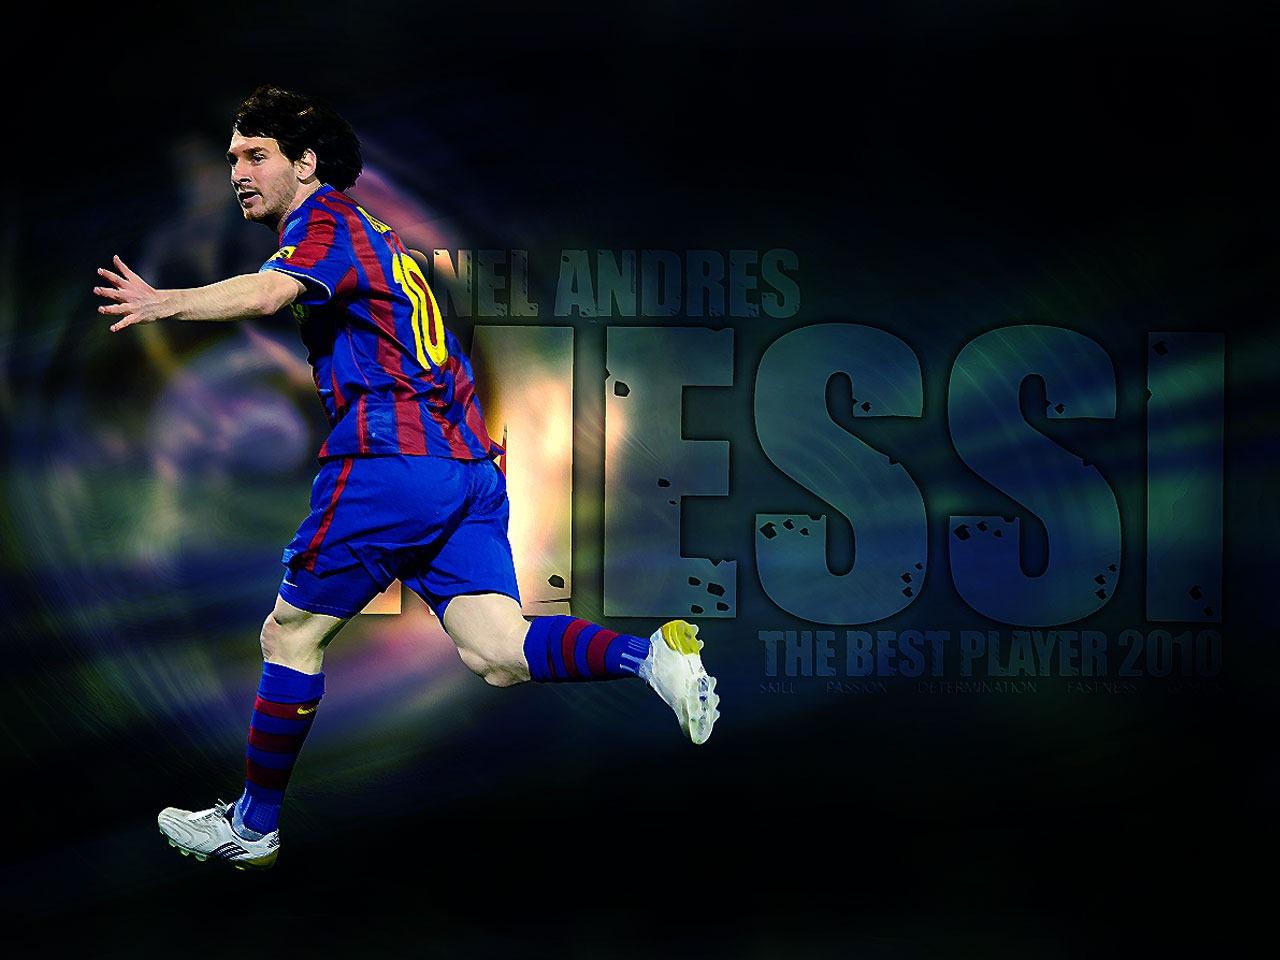 Lionel Messi Hd Wallpaper Desktop 12088 Wallpaper WallpapersTube 1280x960